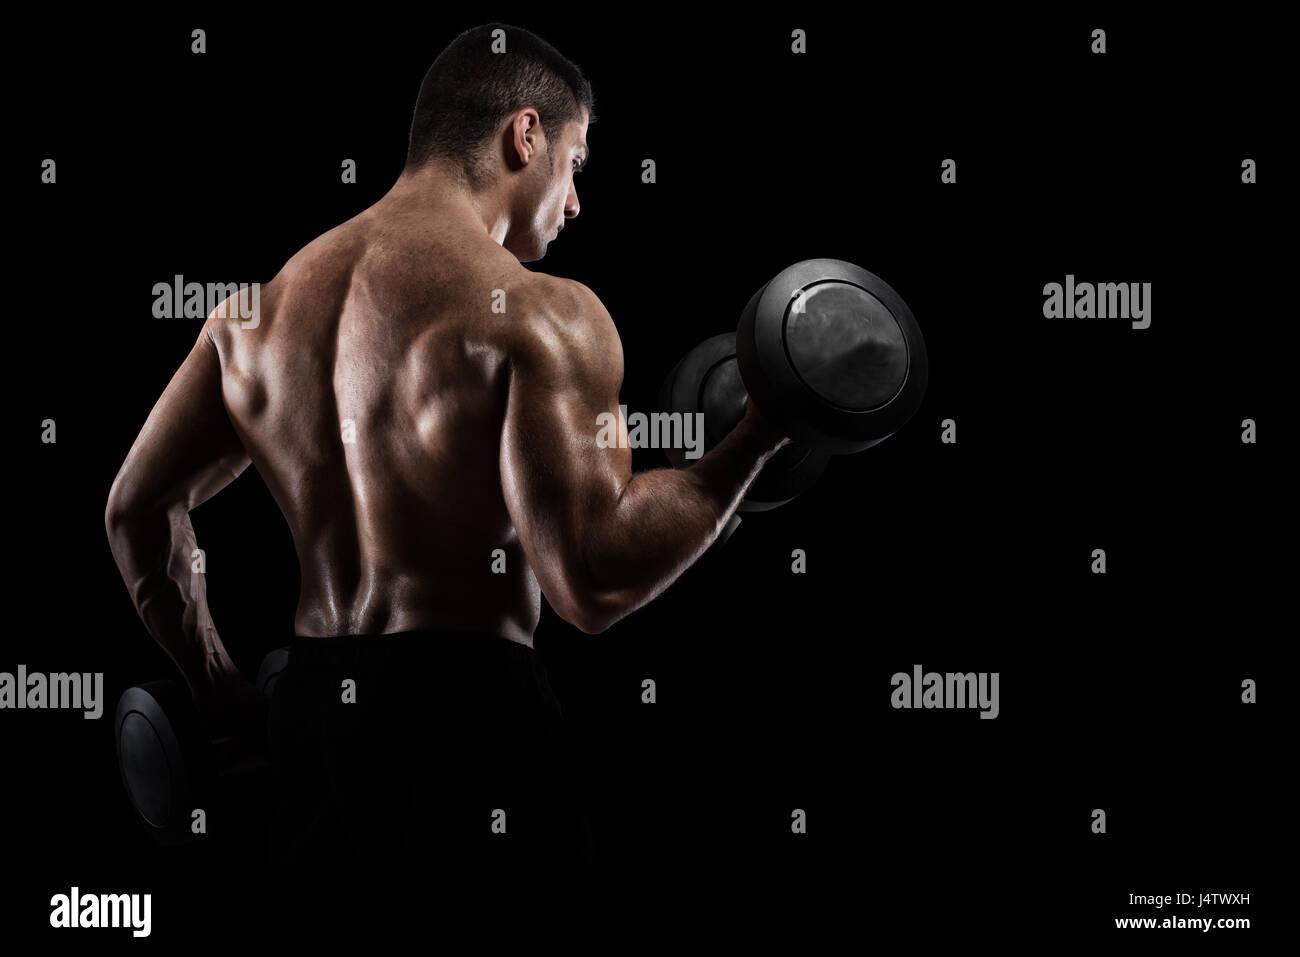 Athletic man training biceps on black background - Stock Image